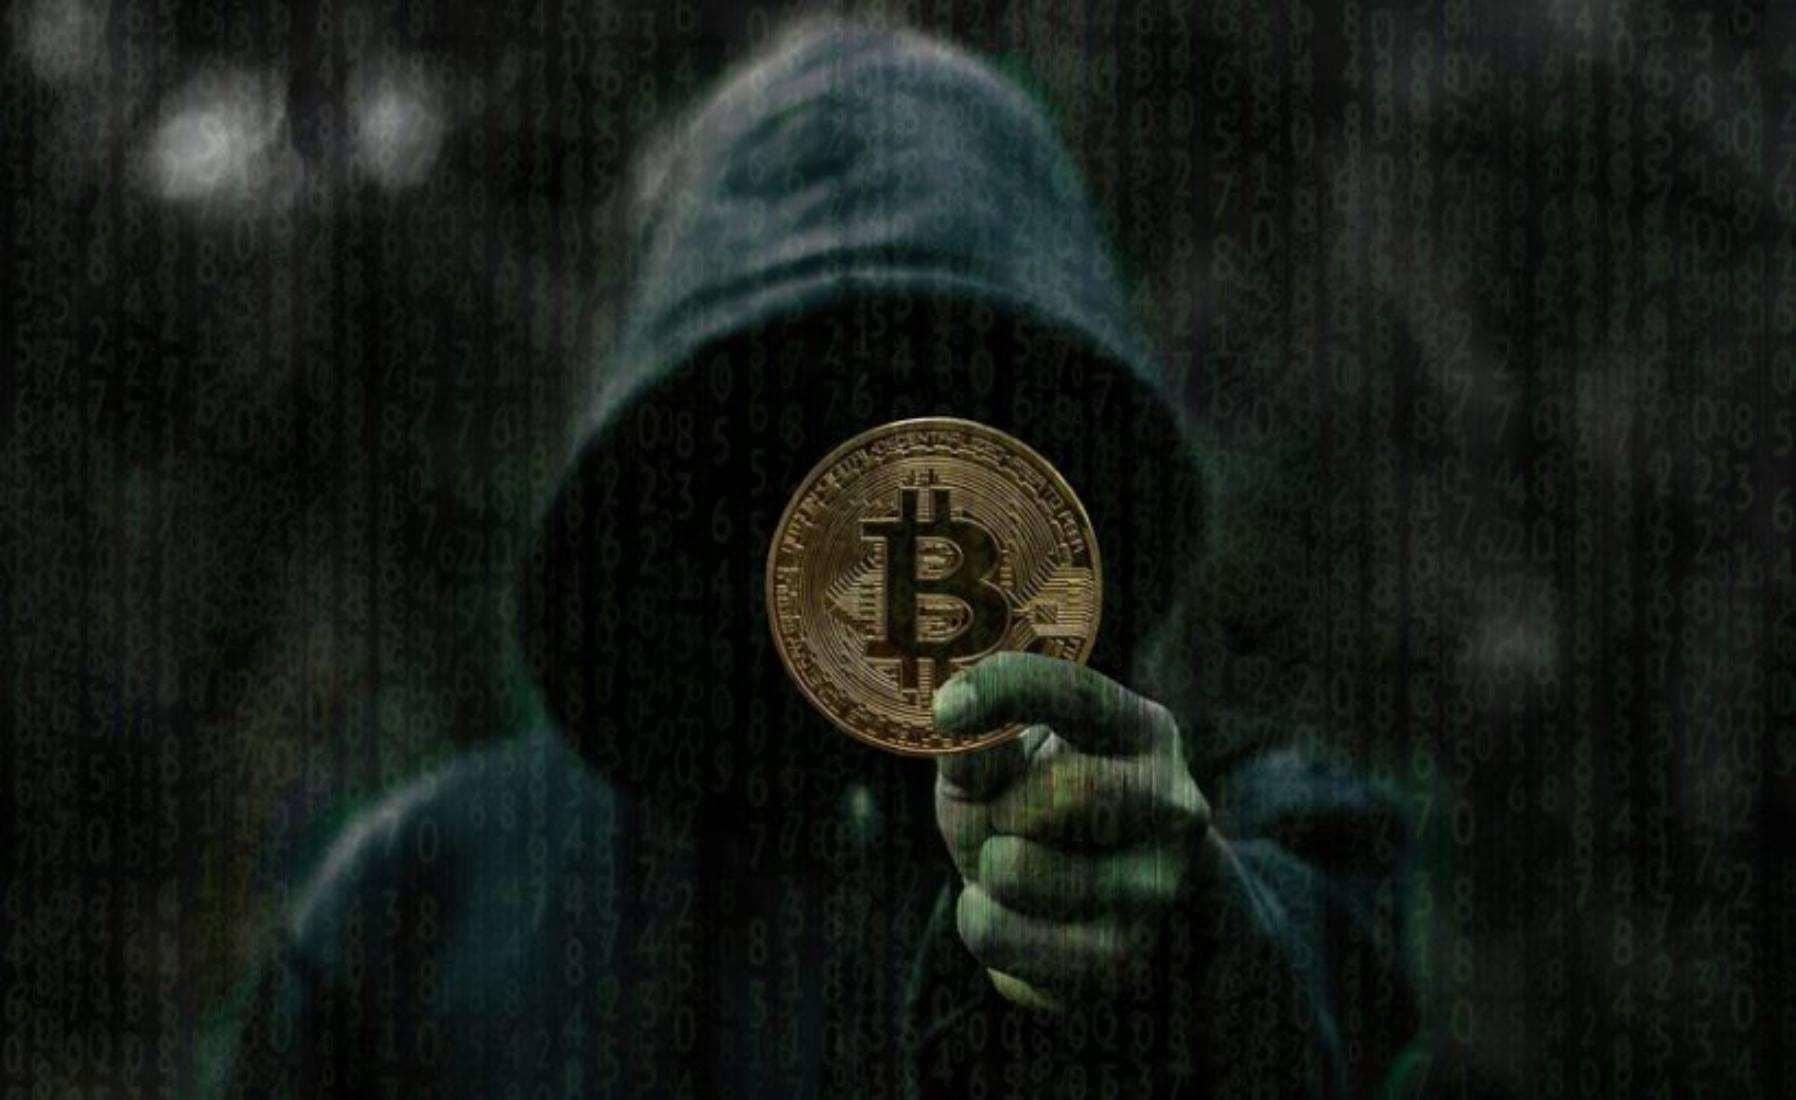 Как хакеры отмывают биткоины через криптобиржи, а не миксеры